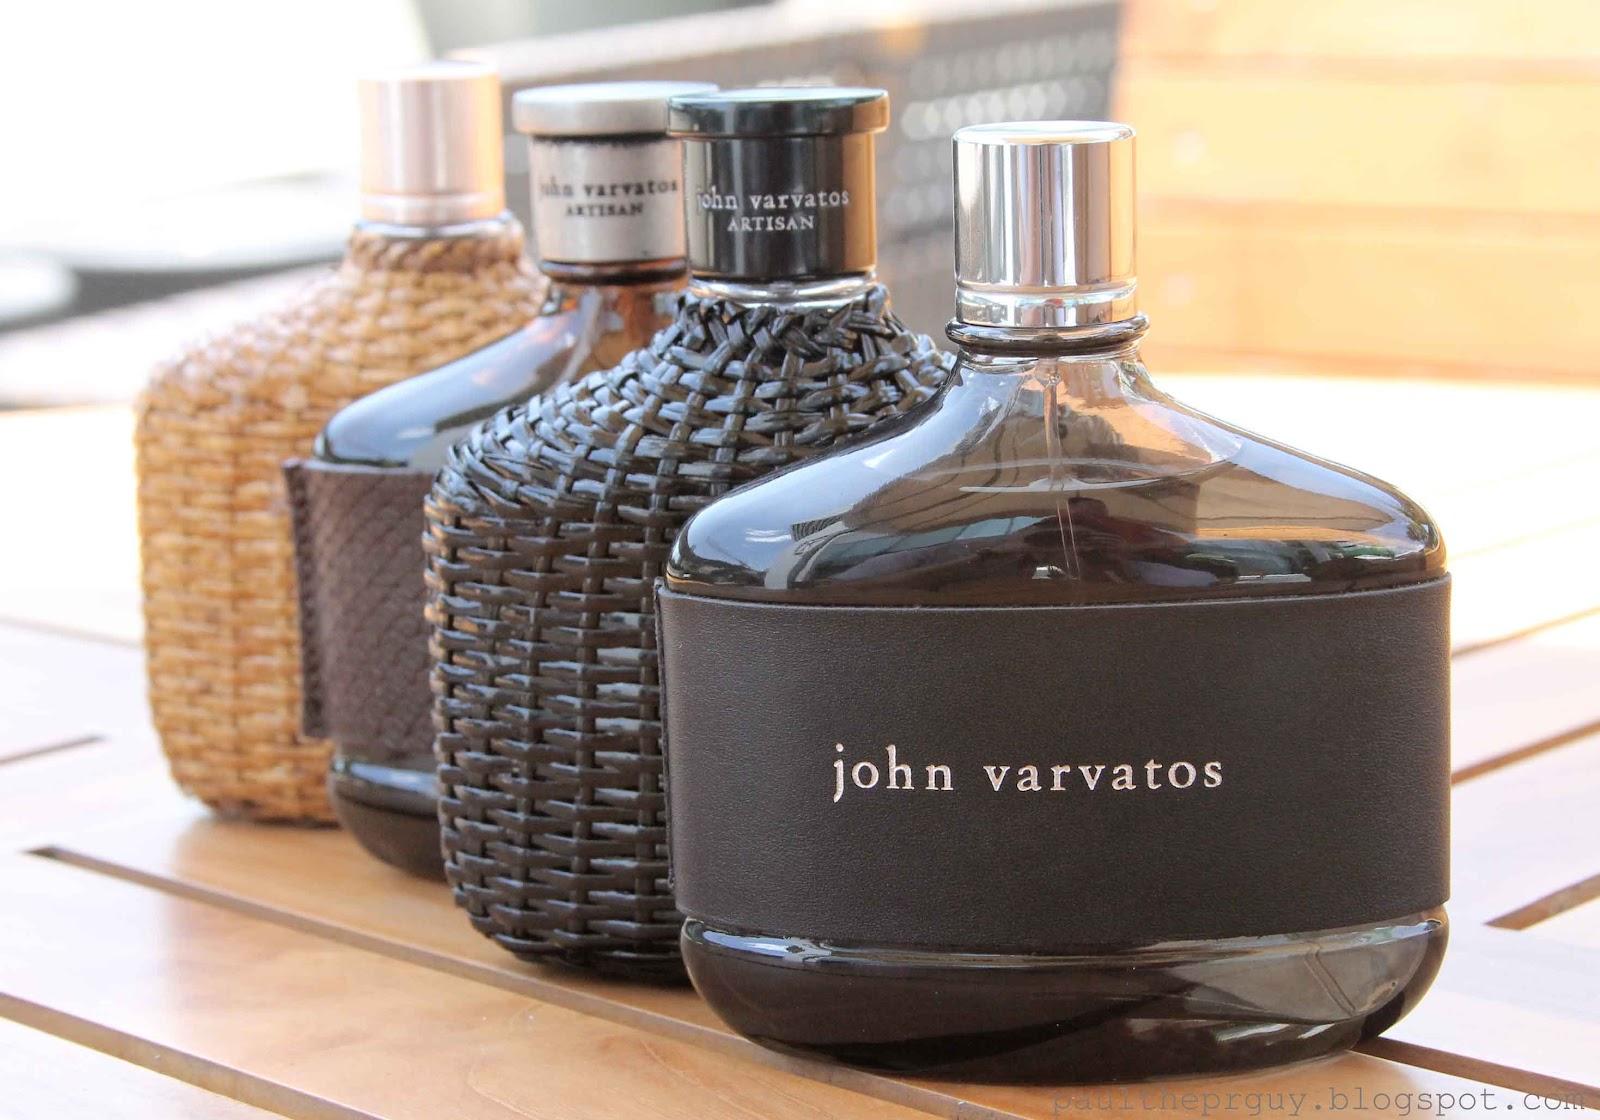 john varvatos parfume